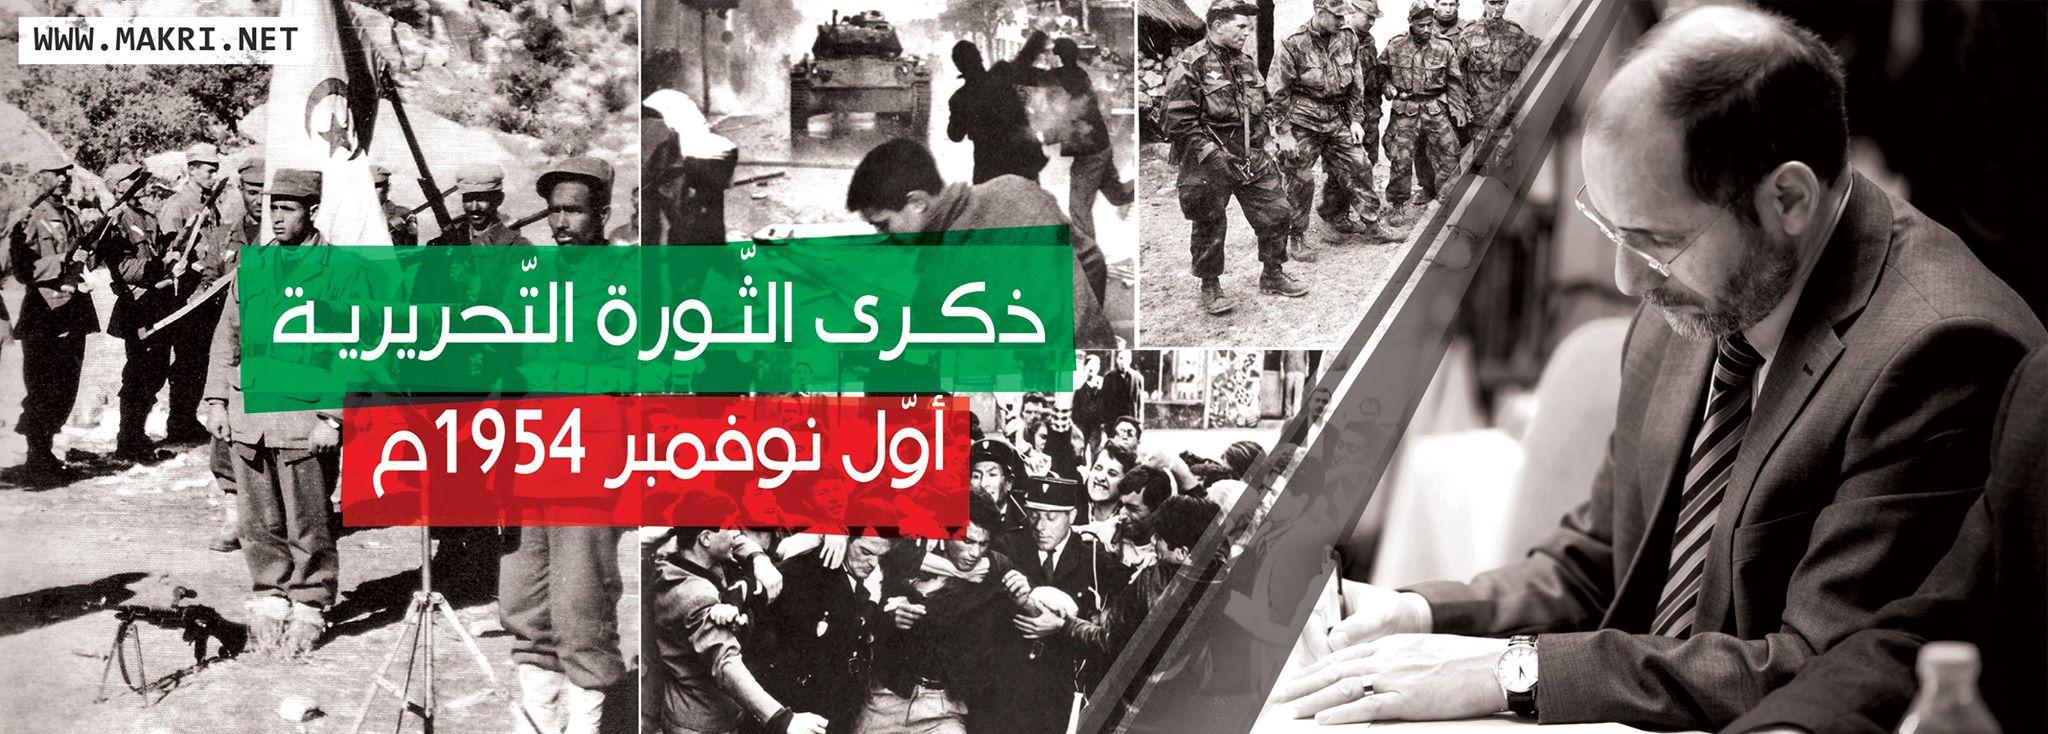 كيف صنع نوفمبر الشخصية الجزائرية؟